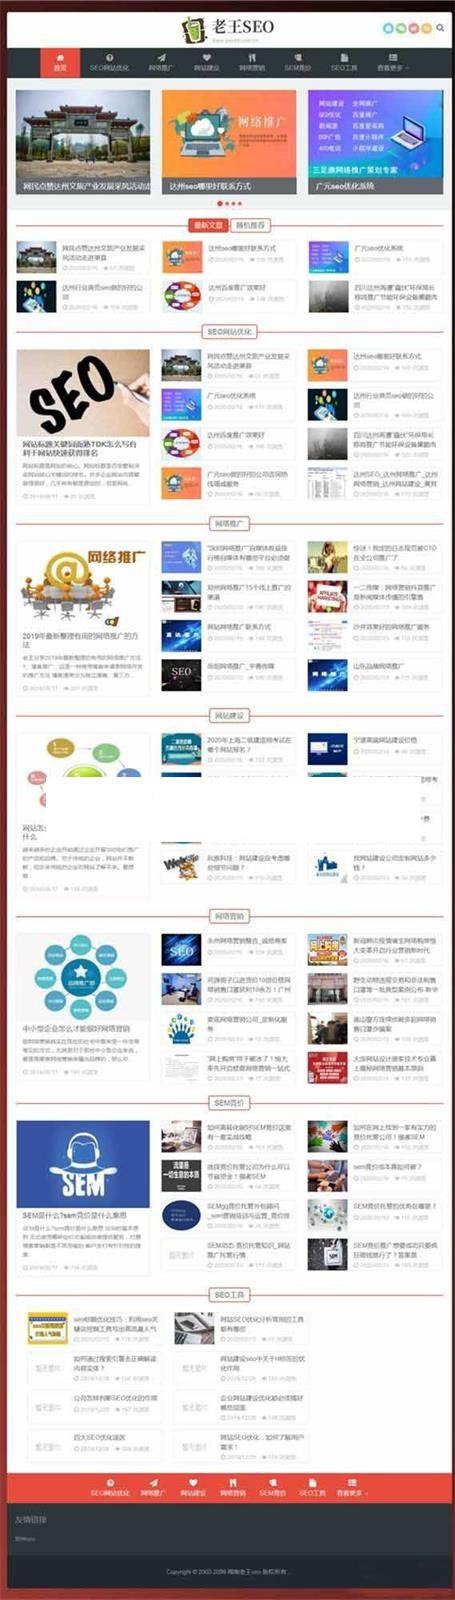 【dedecms】SEO优化技术教程自适应手机端织梦dedecms网站模板-爱资源分享